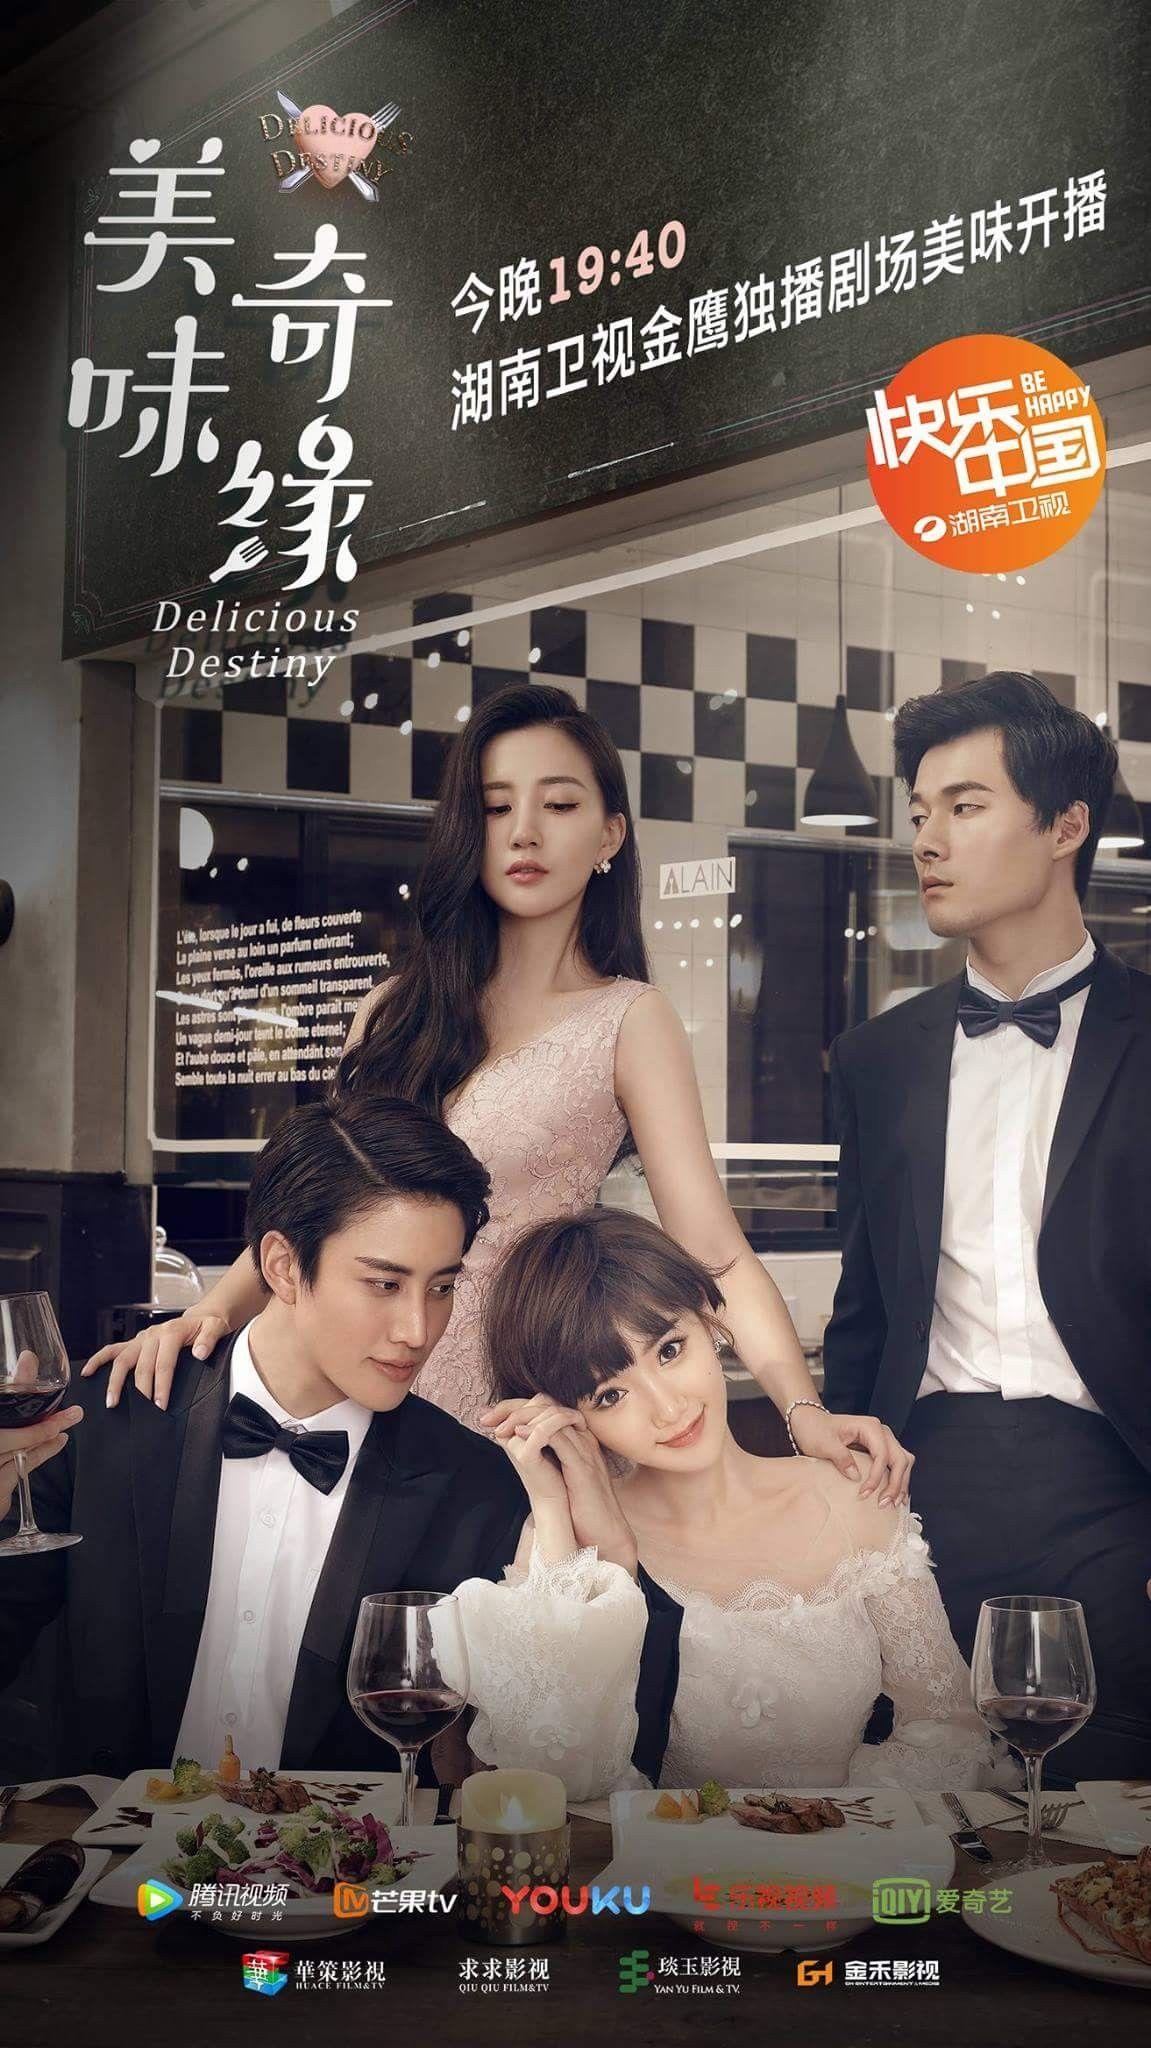 Delicious Destiny | Asian pop en 2019 | Doramas coreanos romanticos